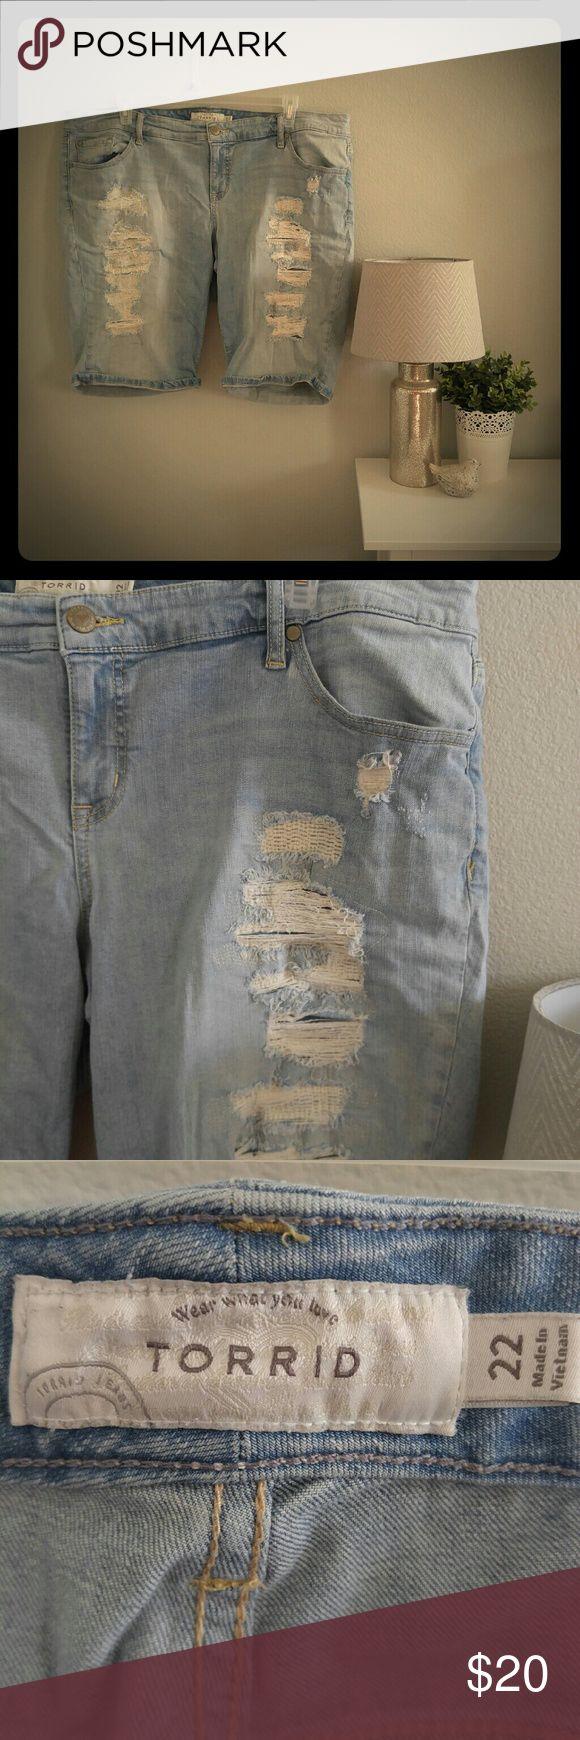 Torrid BF BermudaShorts Light/Repaired Destruction Torrid Boyfriend Bermuda shorts light wash with repaired destruction. torrid Shorts Jean Shorts